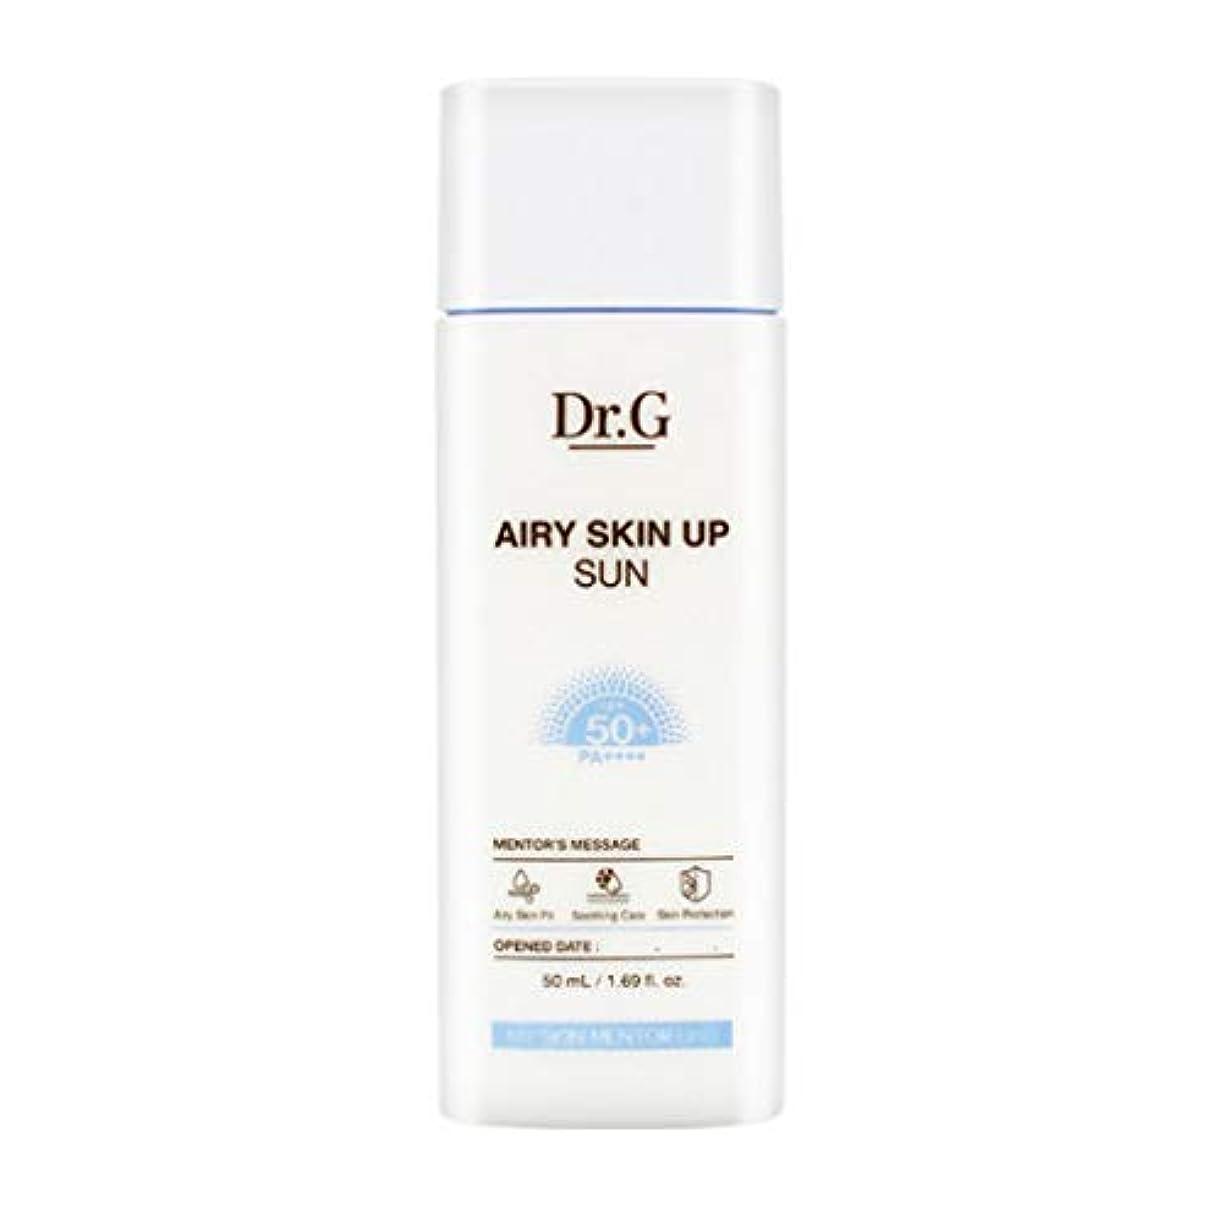 脅威生産性鼓舞するDr.G ドクタージー Airy Skin Up Sun エアリースキンアップサン (50ml) SPF50+ PA++++ Dr G DrG 日焼け止め